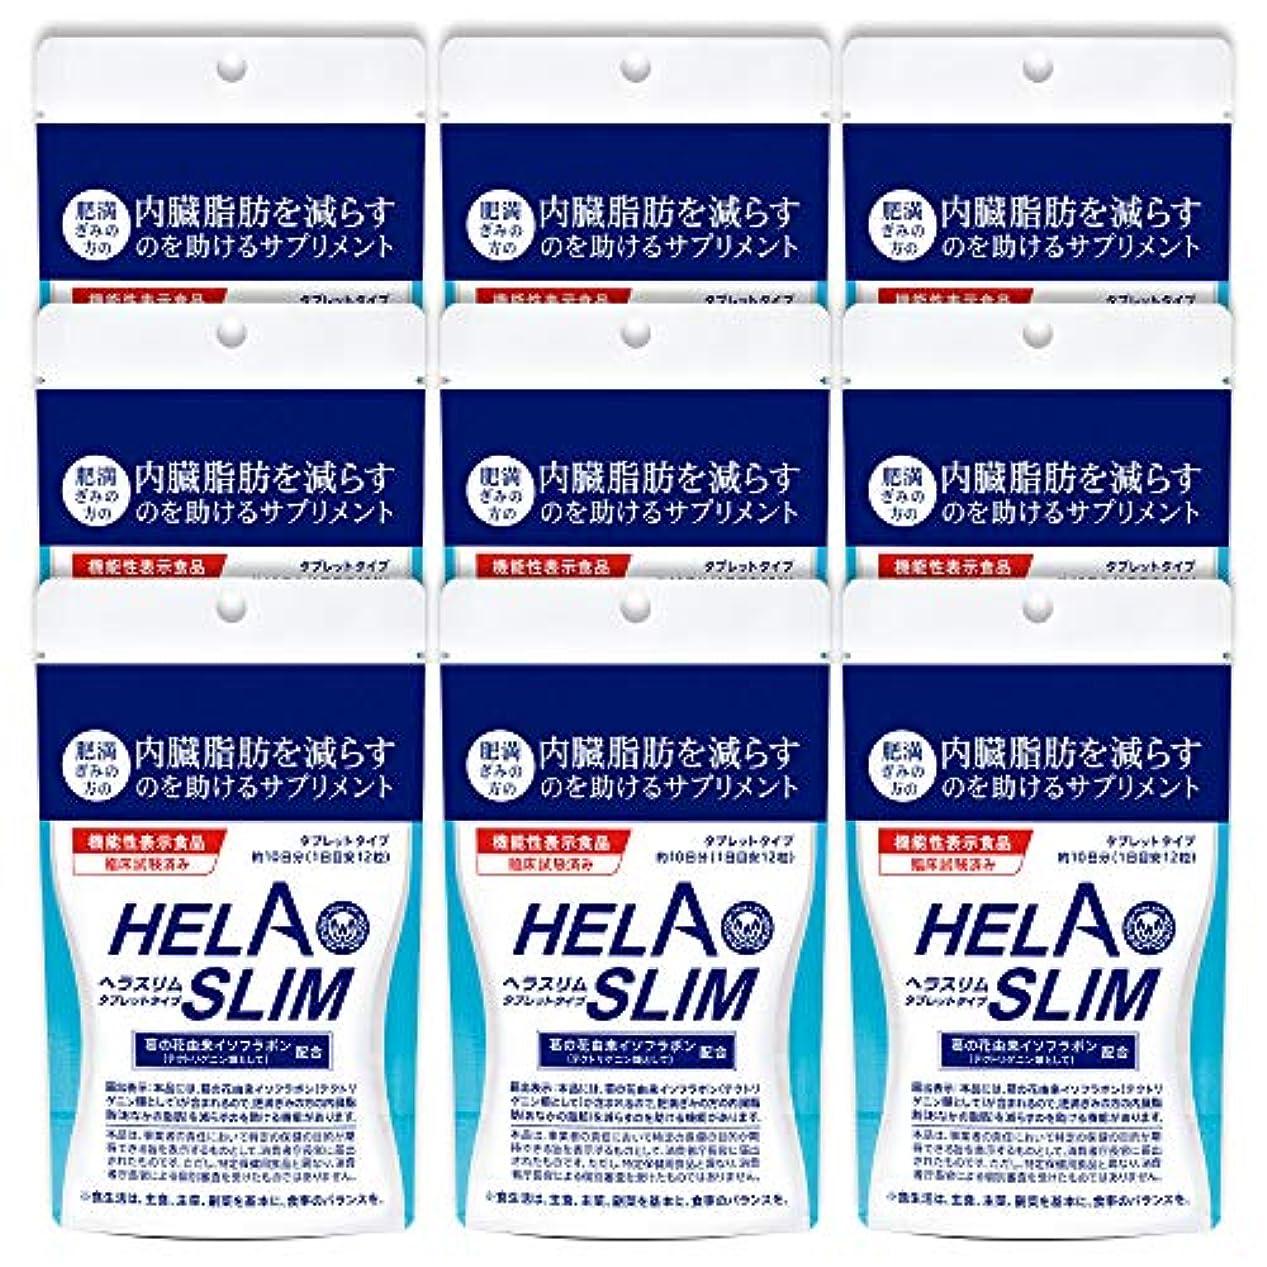 怒ってアプローチ精度【9袋セット】HELASLIM(120粒入り)アルミパック